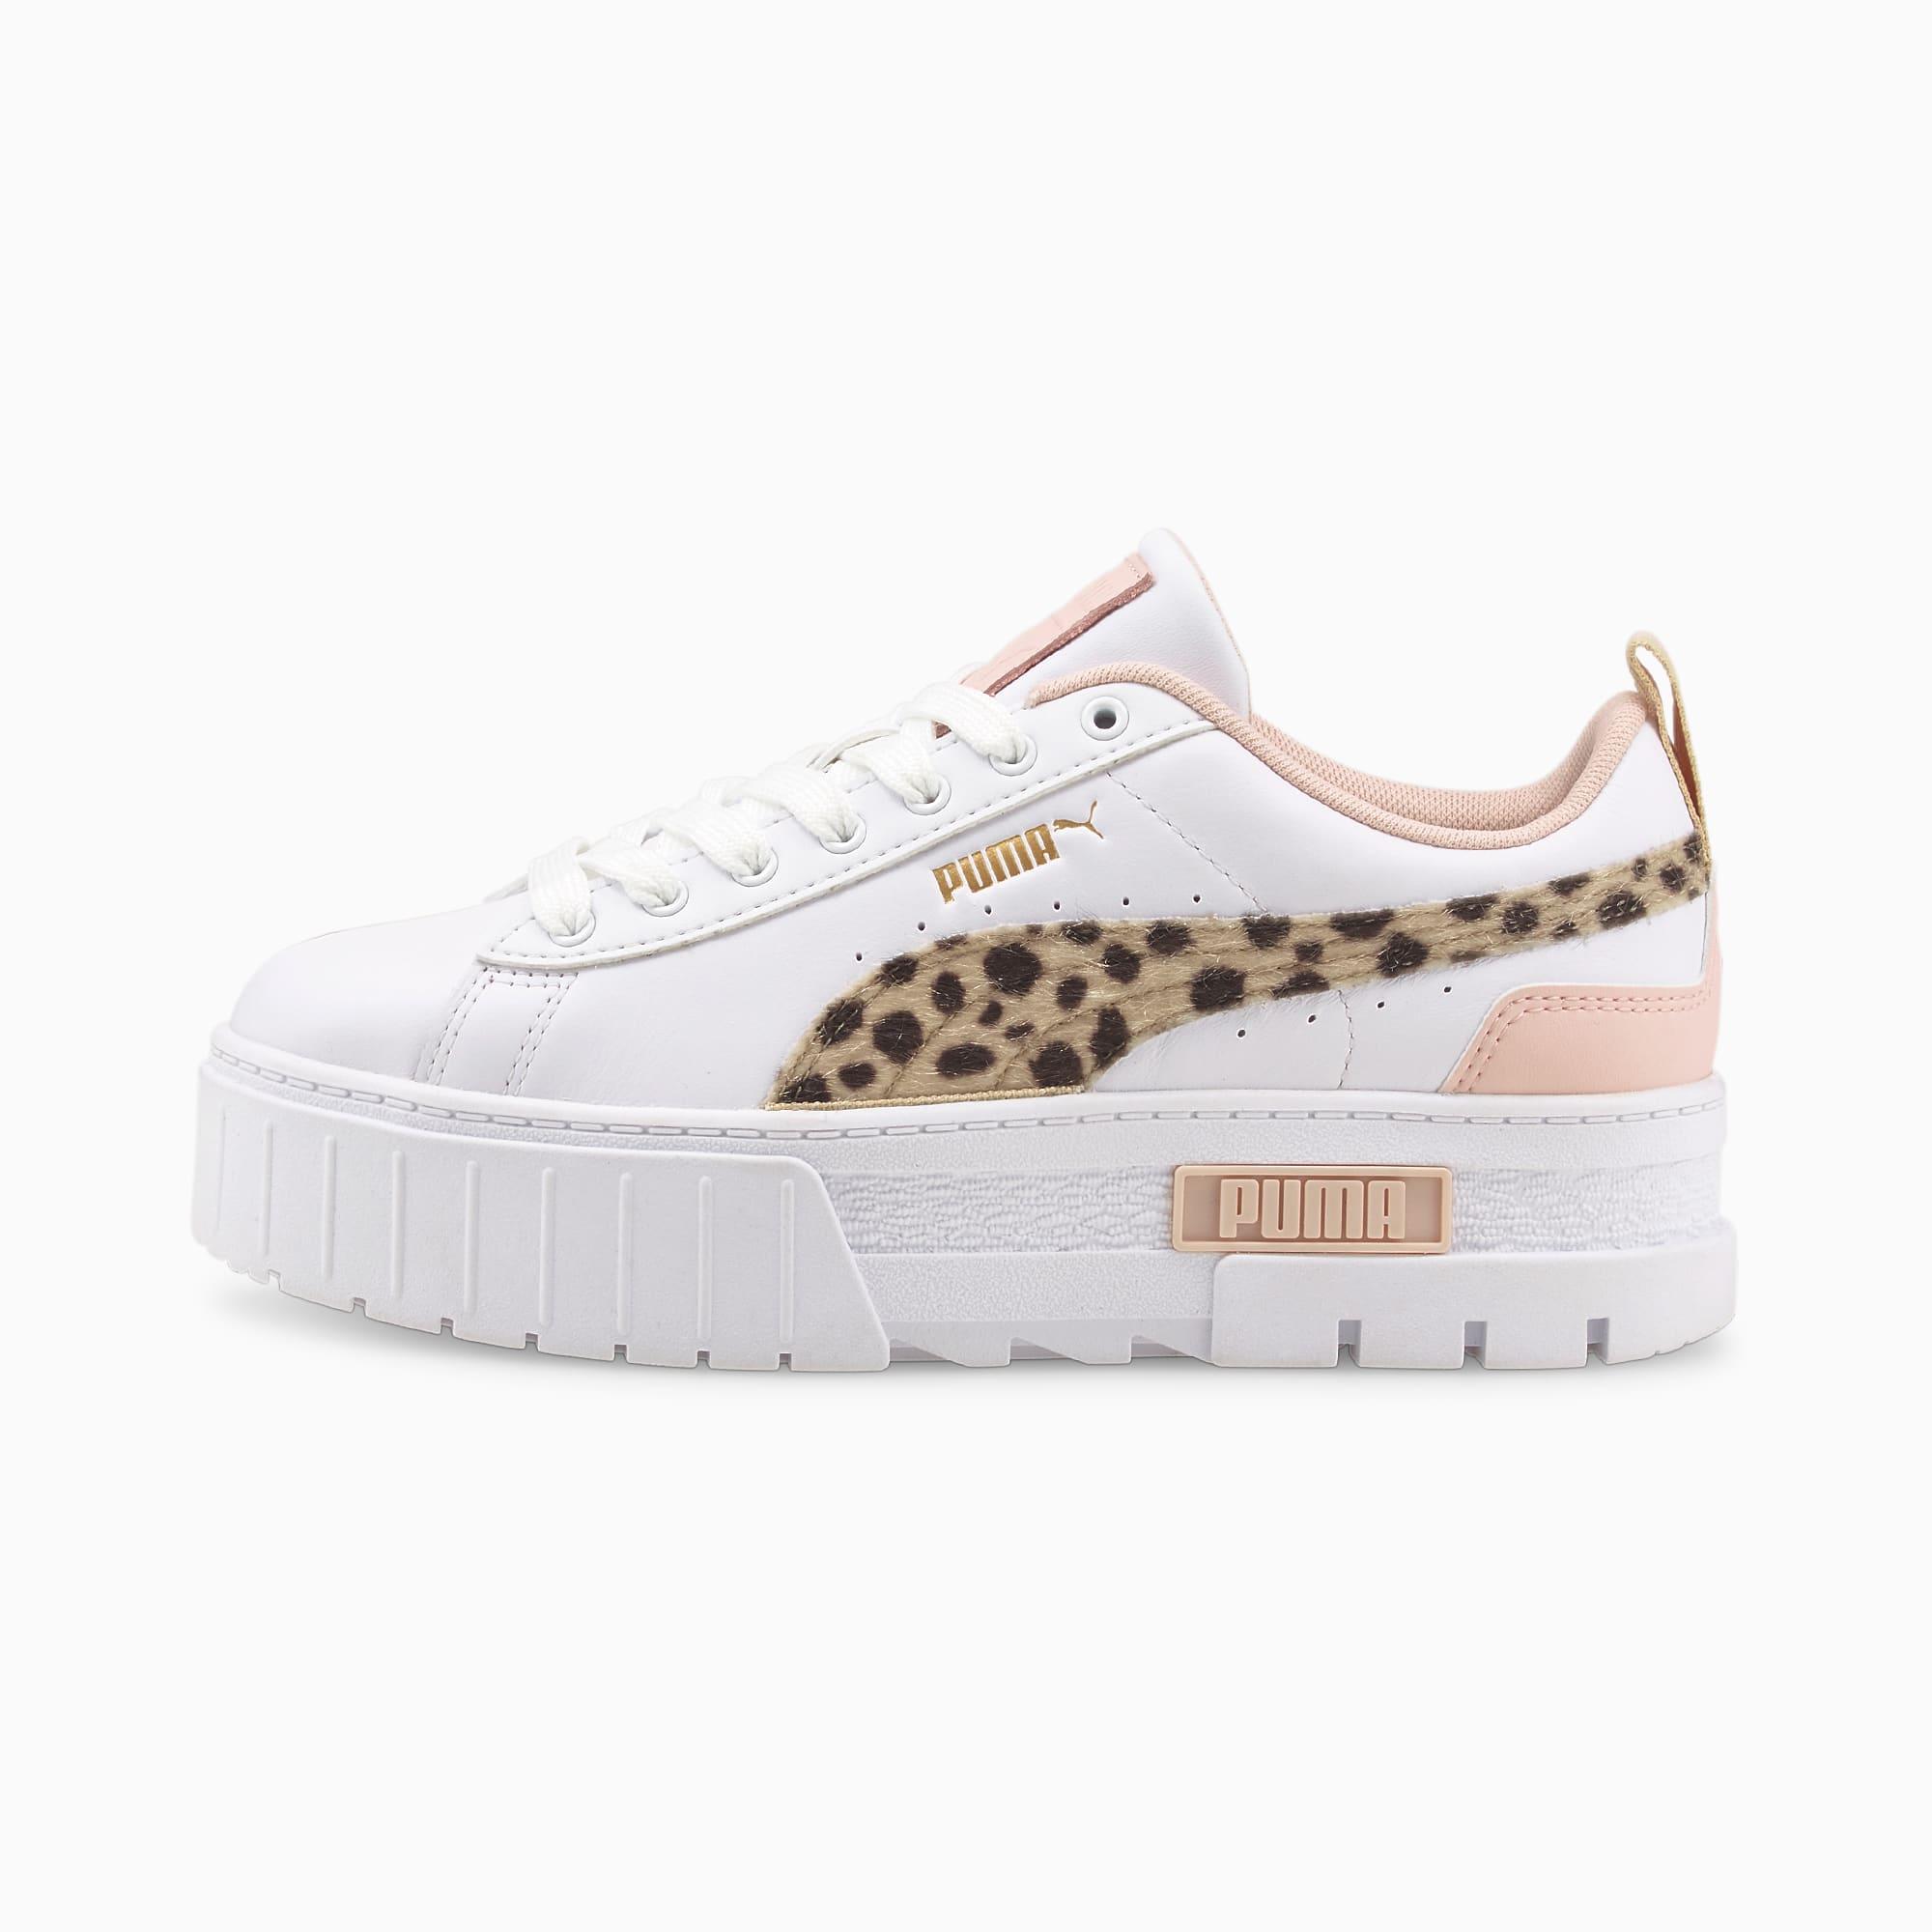 PUMA Mayze Feline Damen Sneakers Schuhe   Weiß   Größe: 37.5